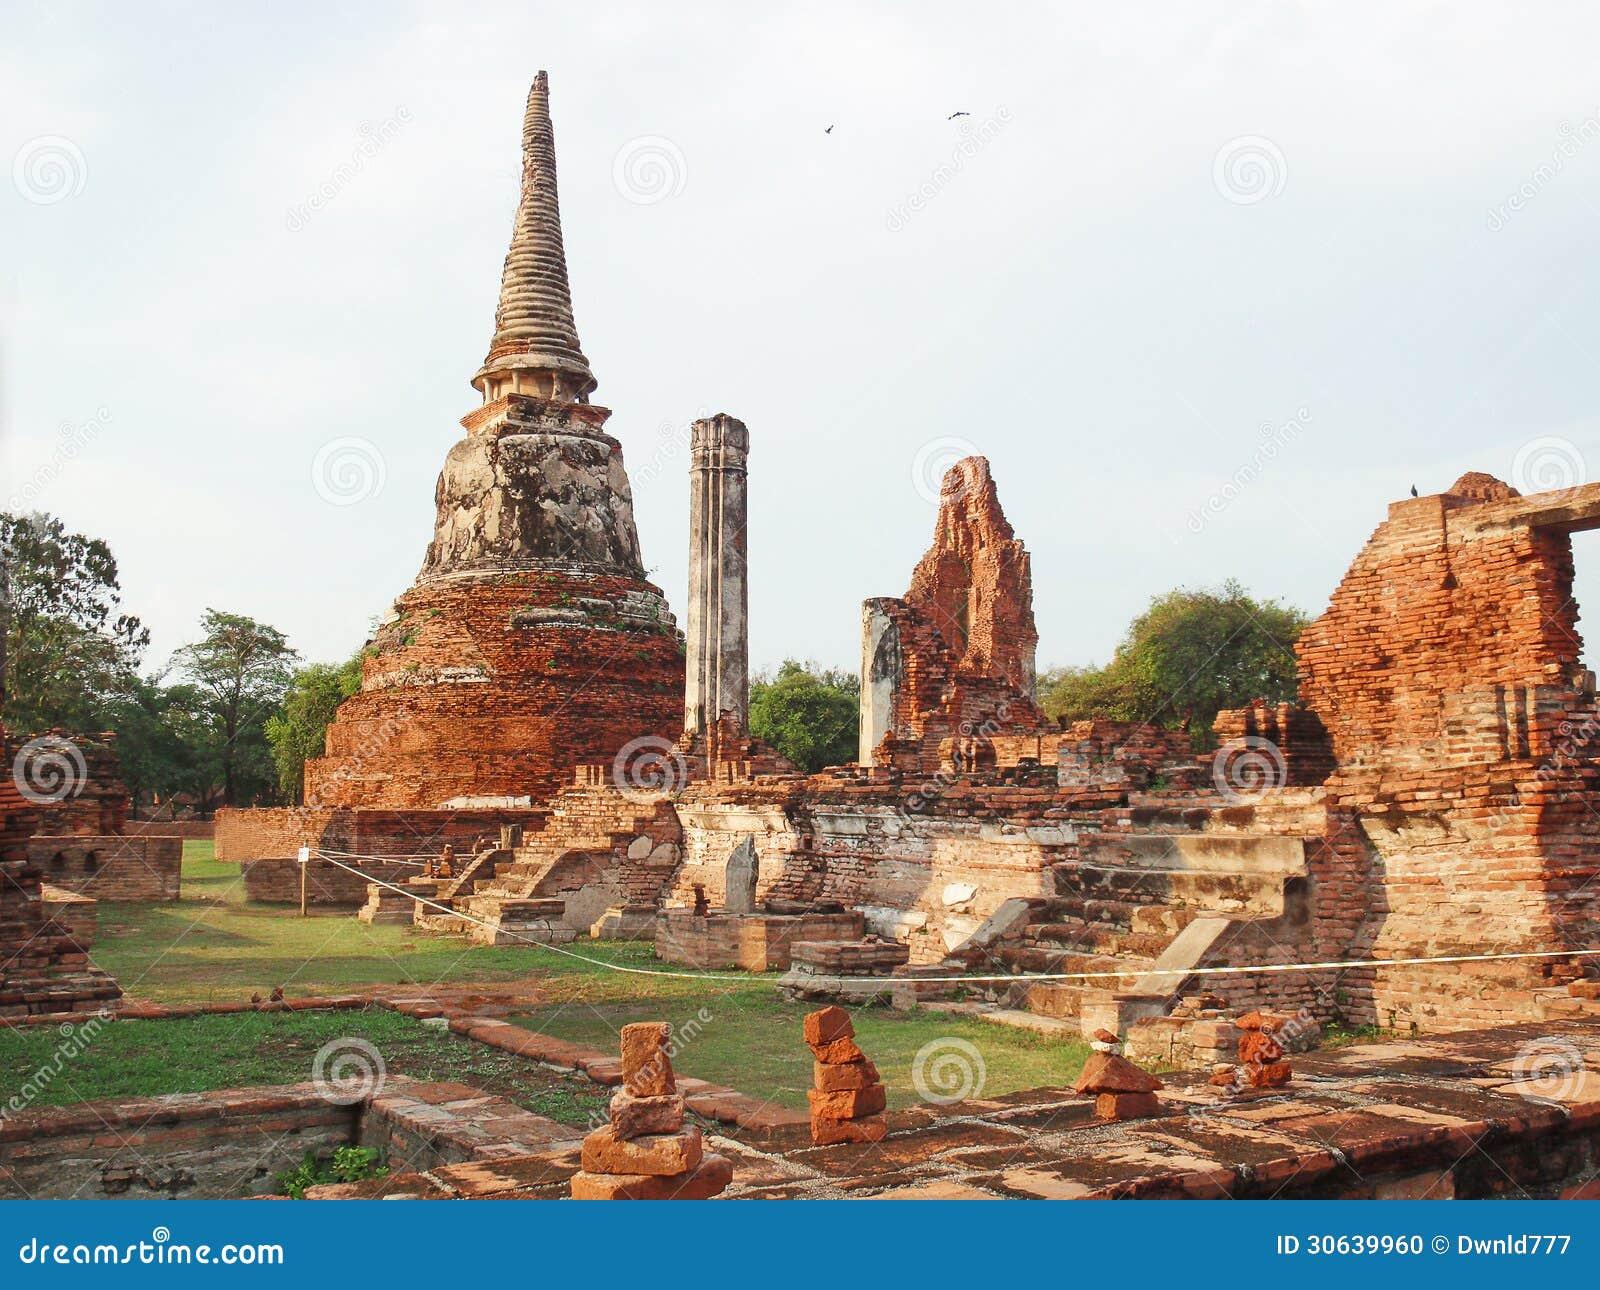 endroit touristique de la tha lande photo stock image